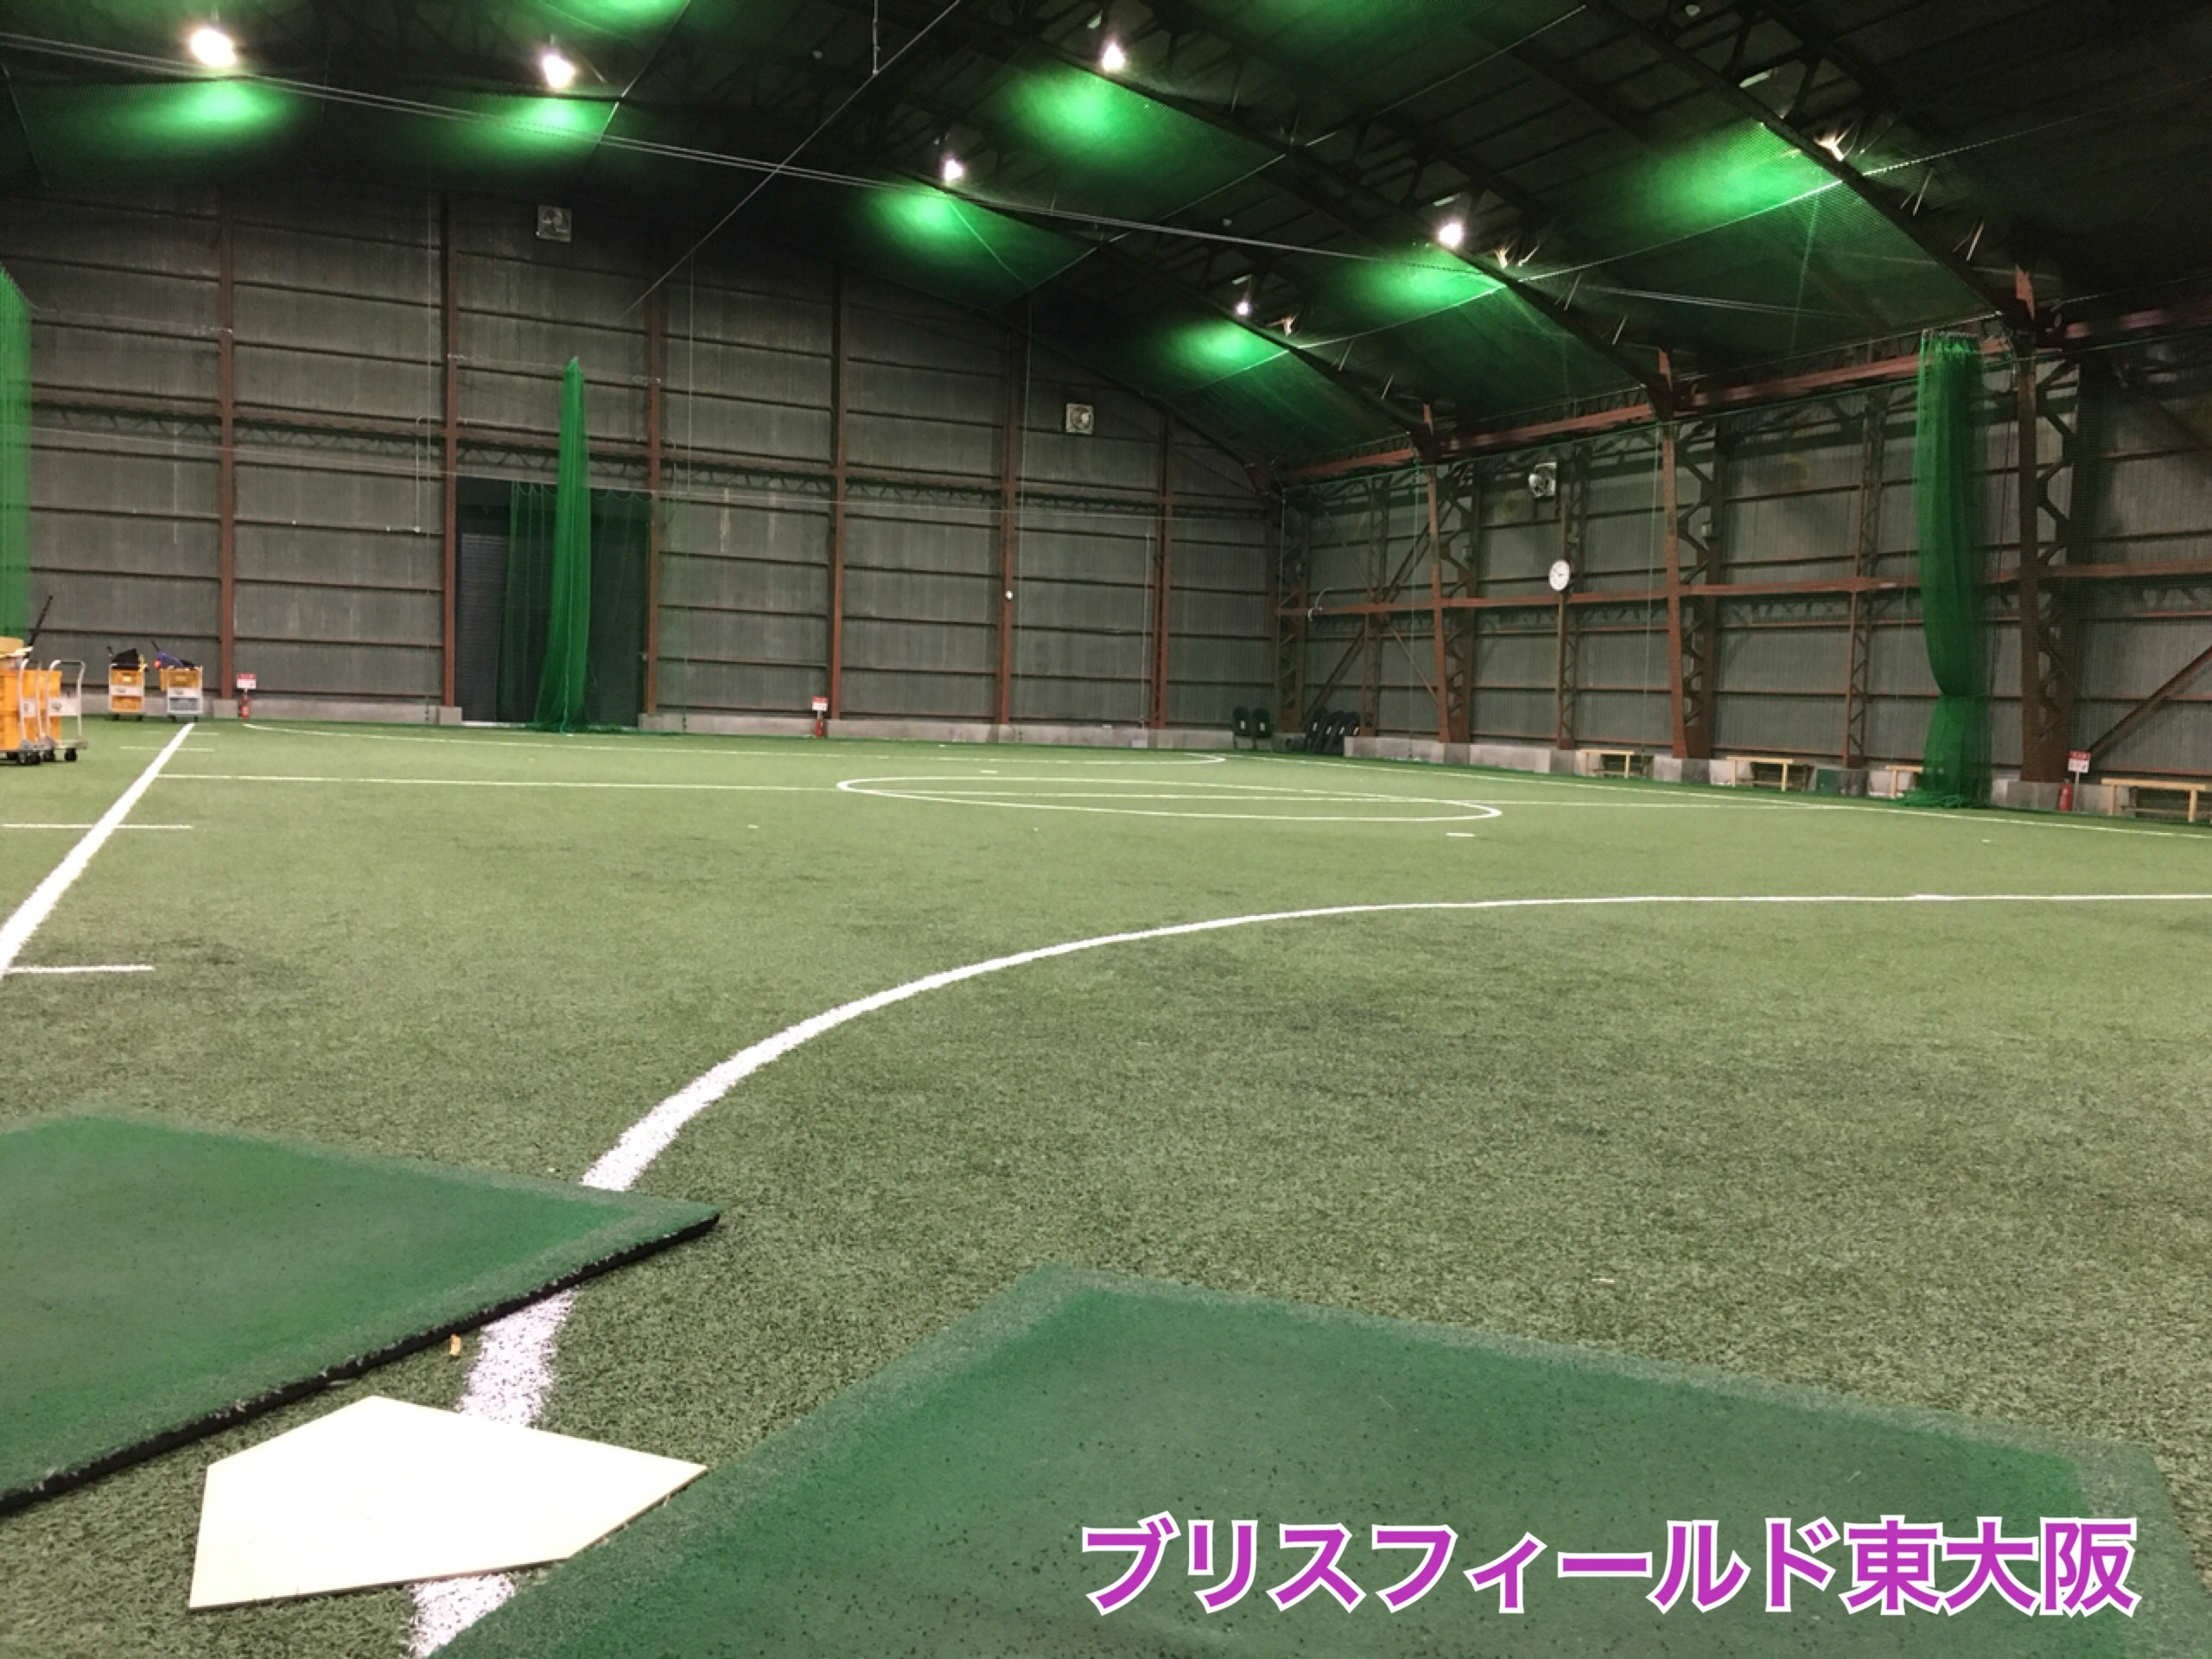 室内 練習 場 野球